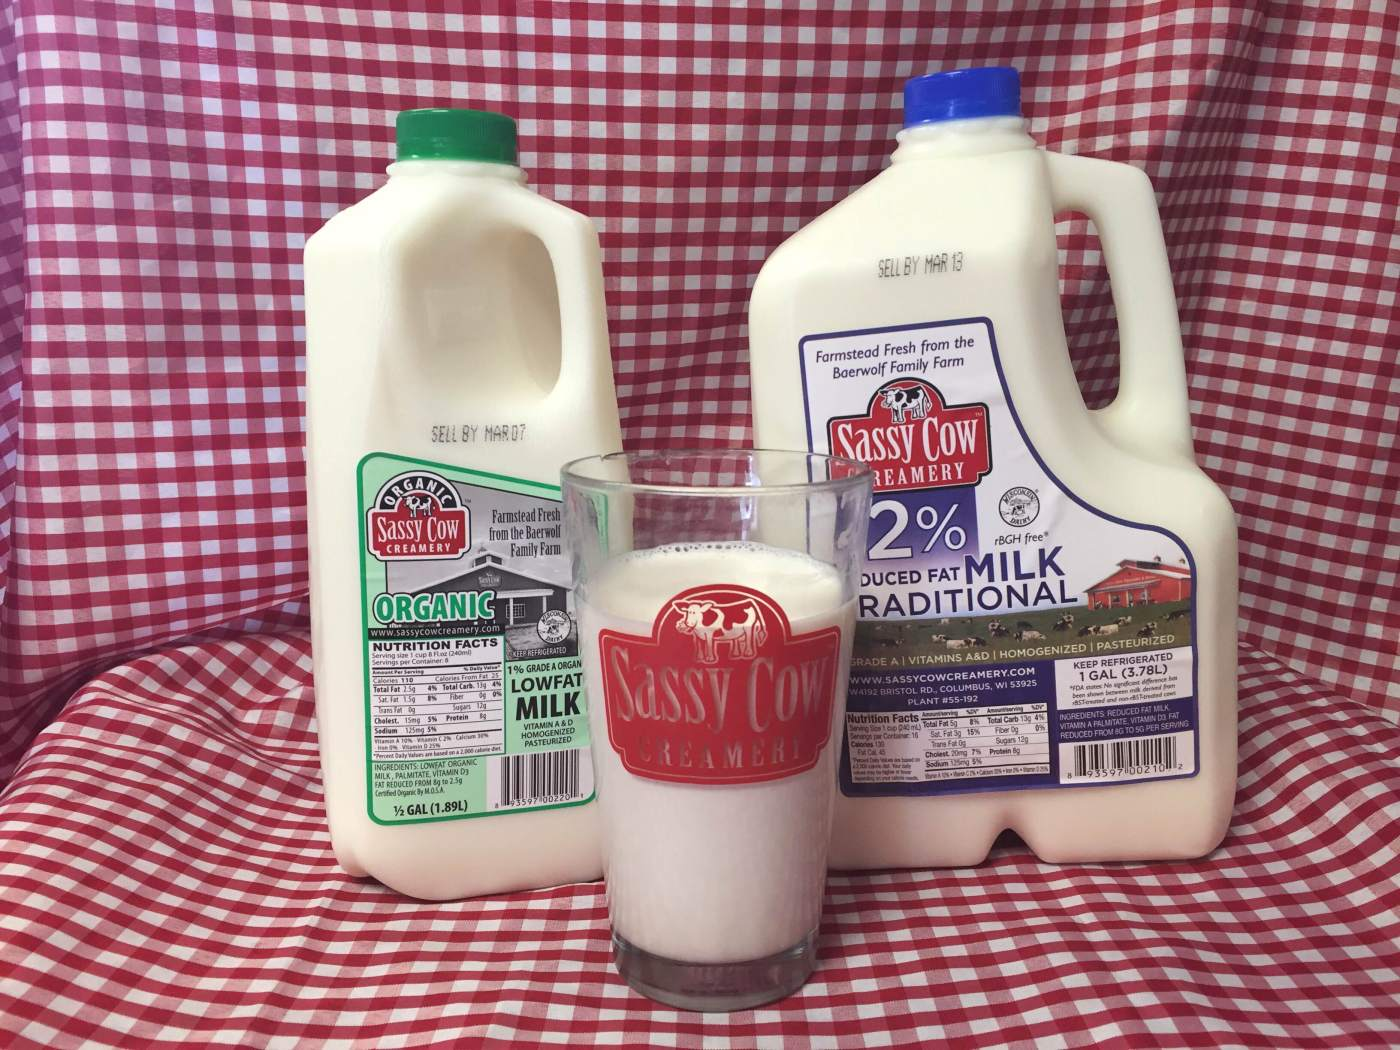 Sassy Cow milk